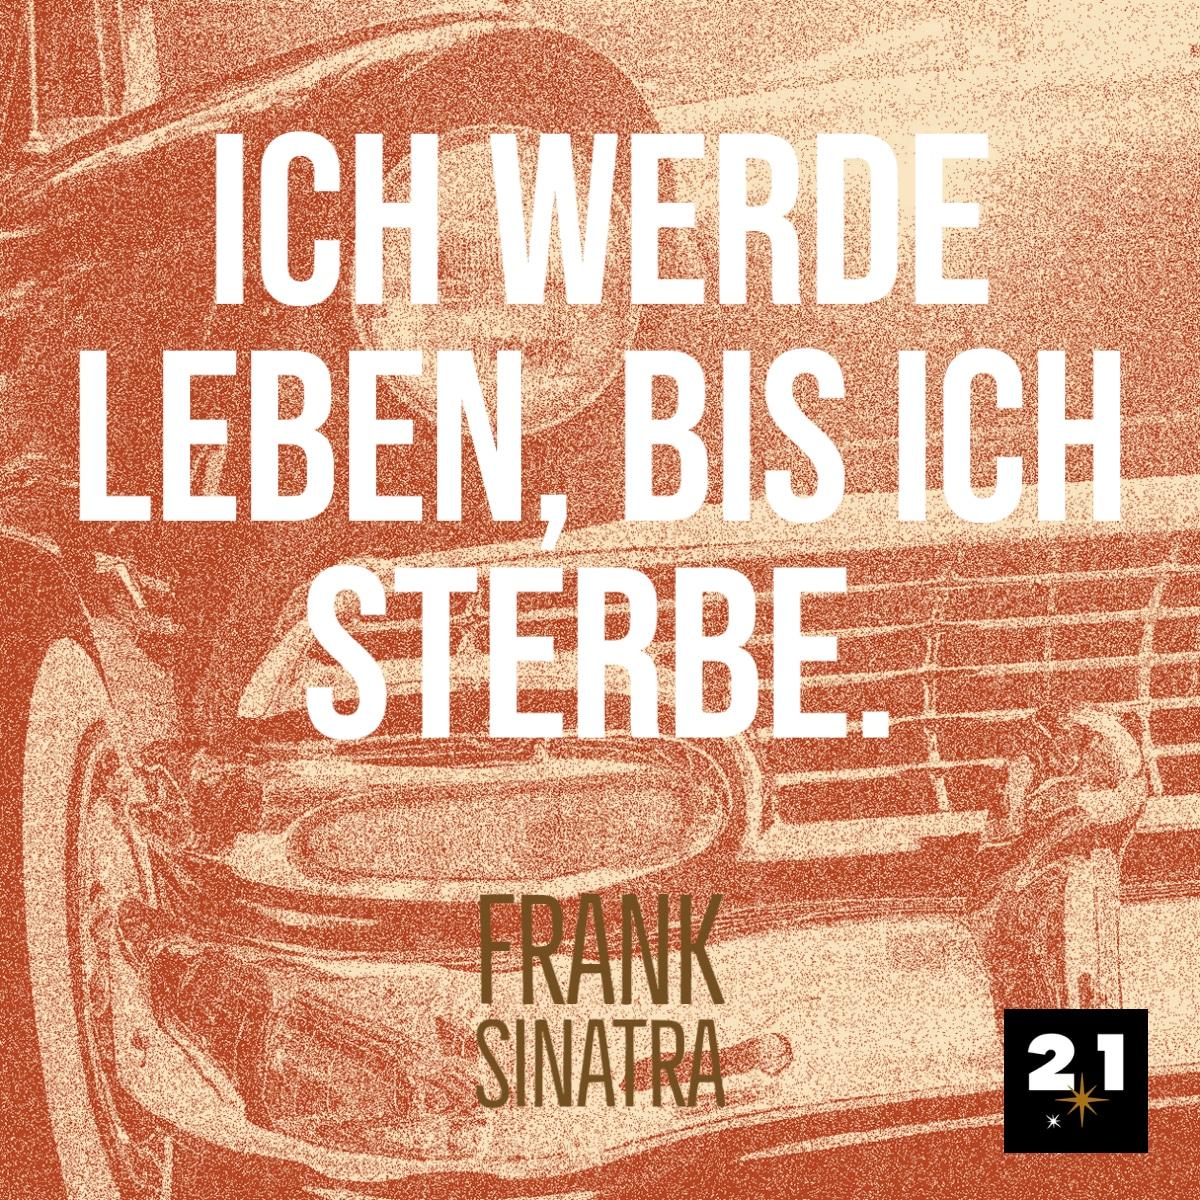 Frank Sinatra über das Leben und Sterben